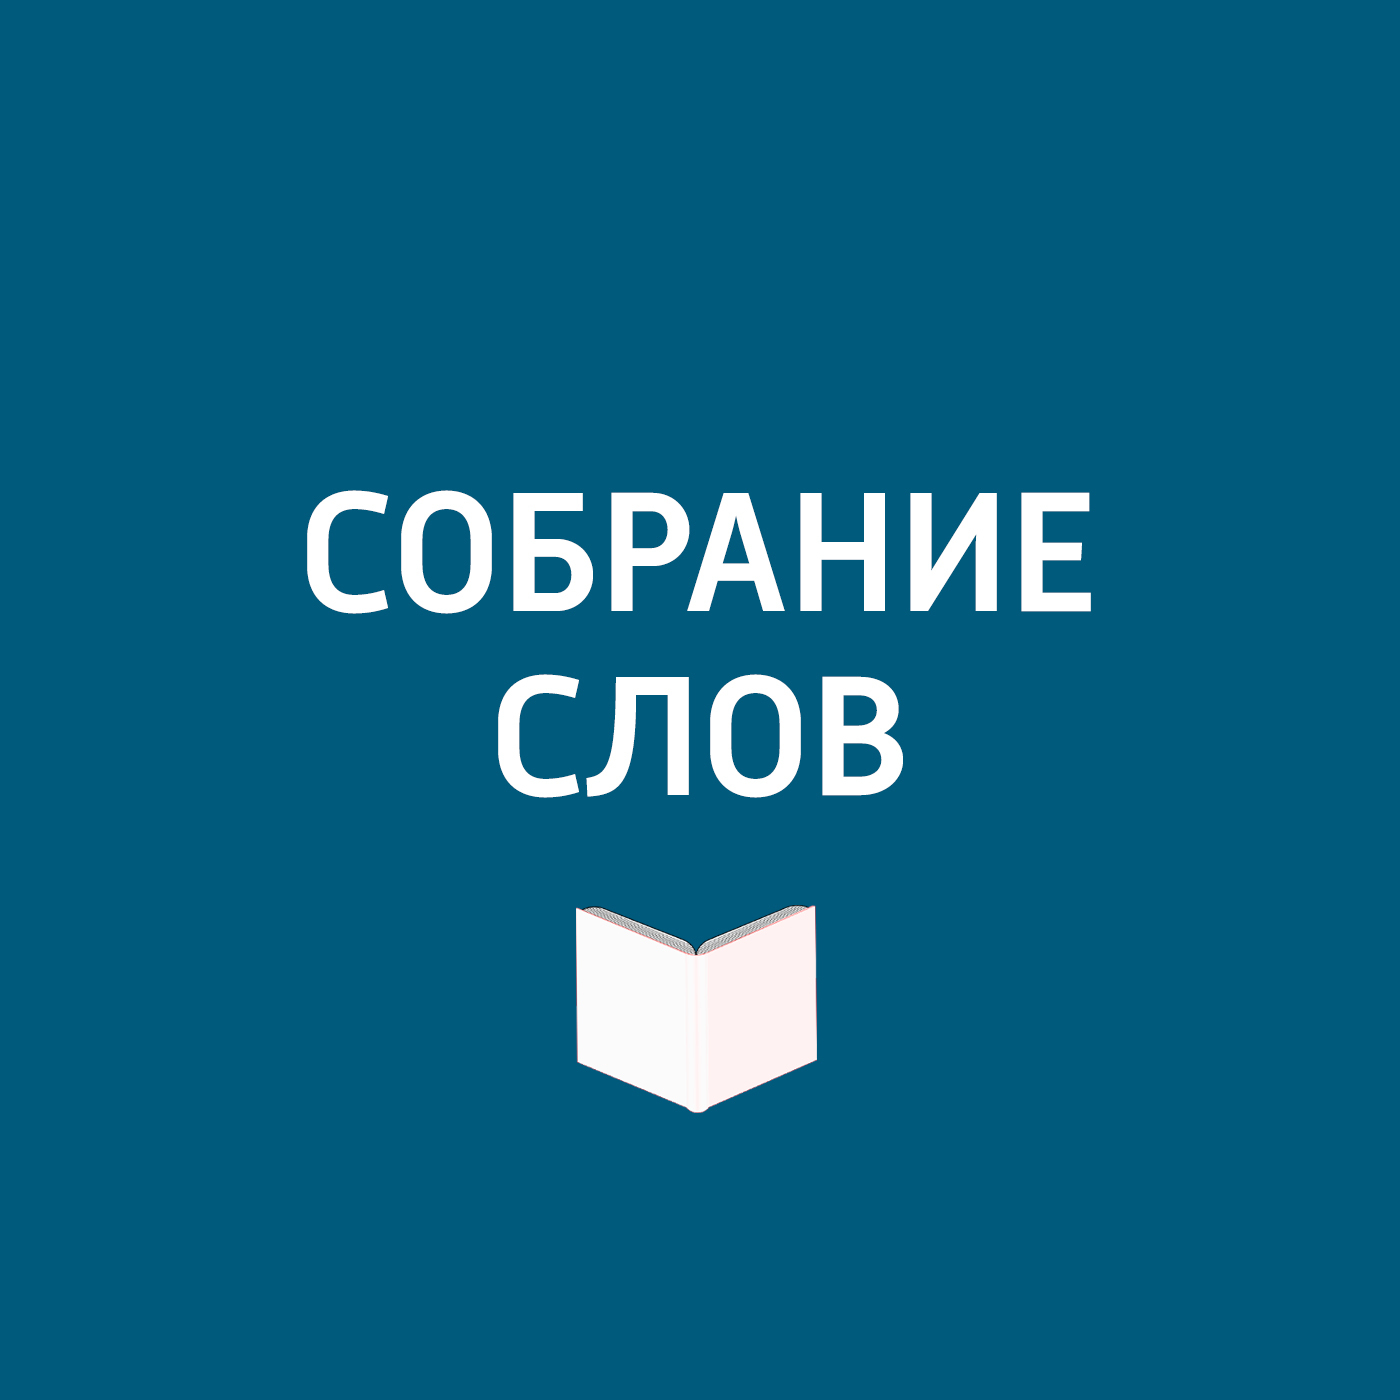 2 февраля - 135 лет со дня рождения Михаила Гнесина